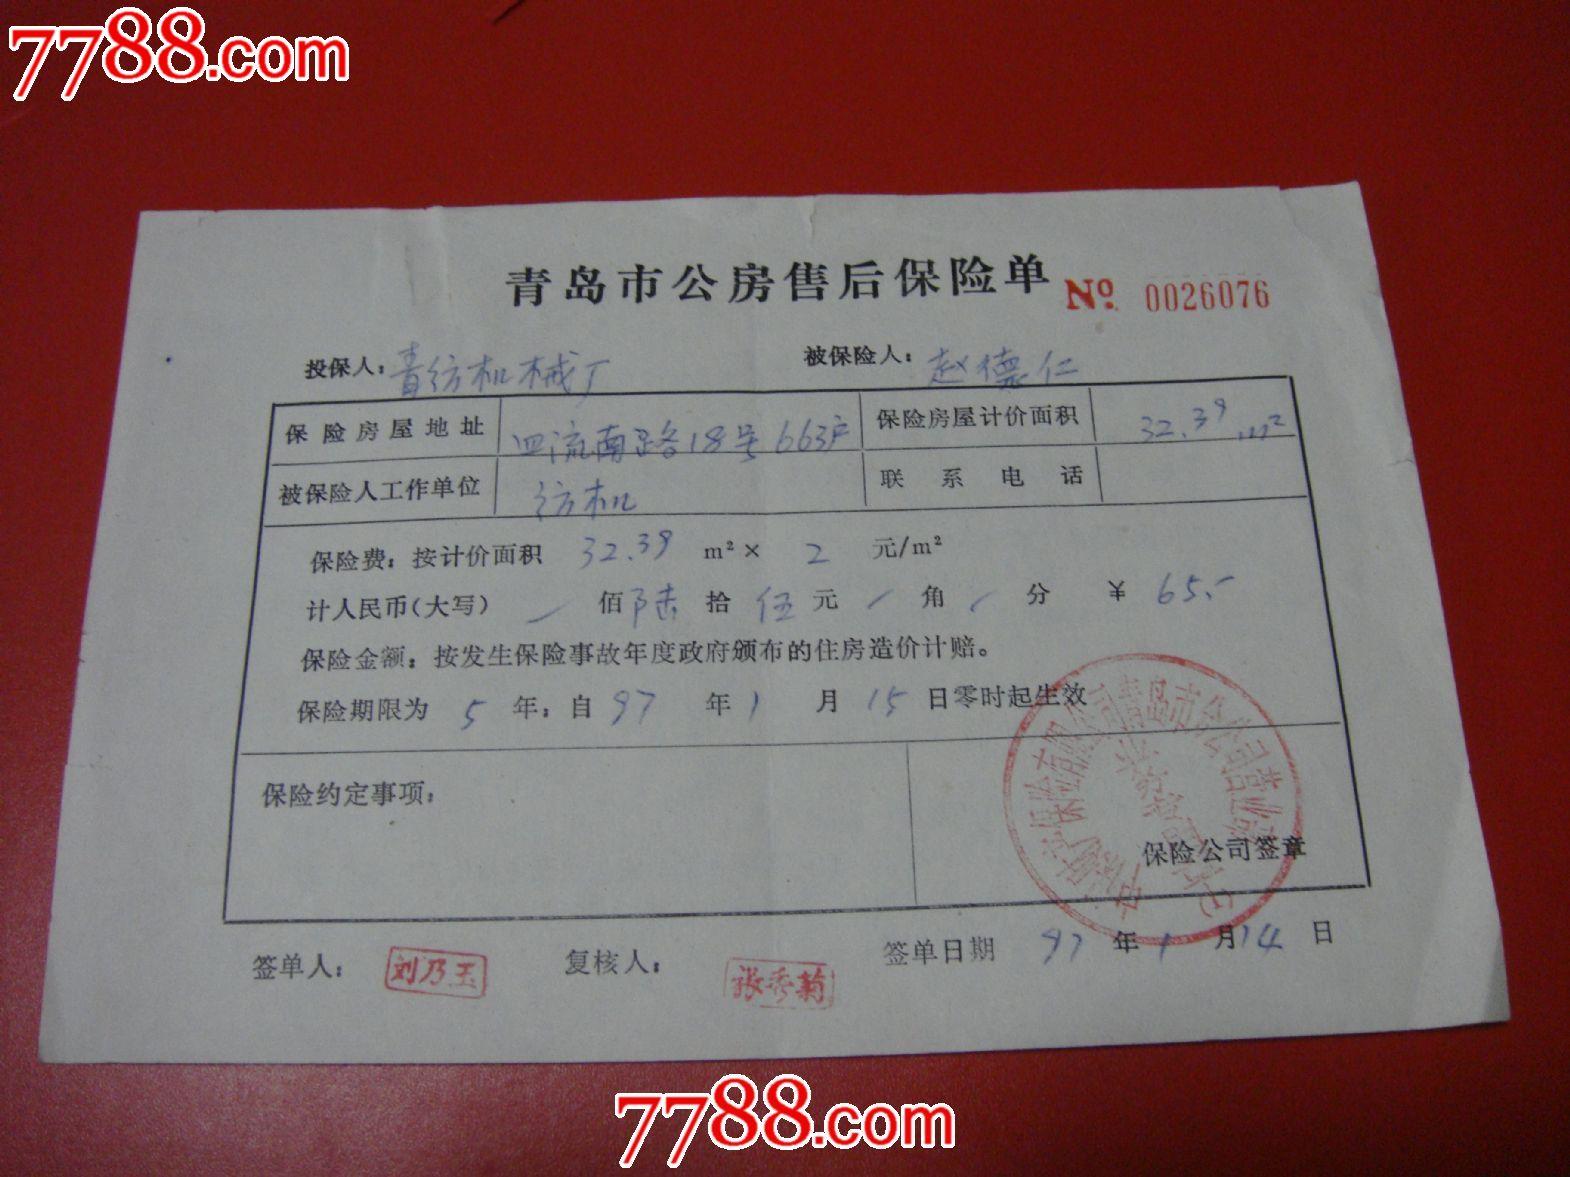 戳:1997年中国财产保险青岛市分公司【青岛市公房售后